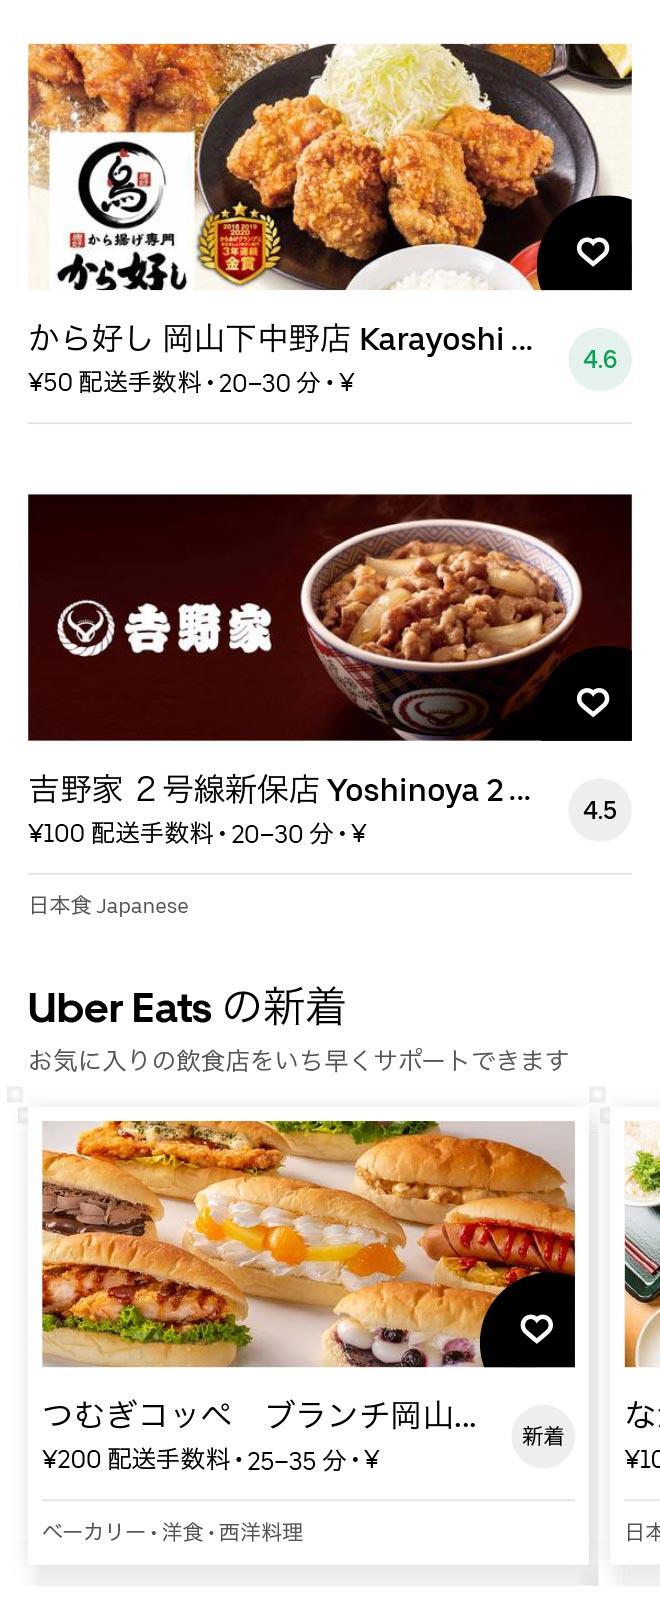 Bizen nishiichi menu 2011 03